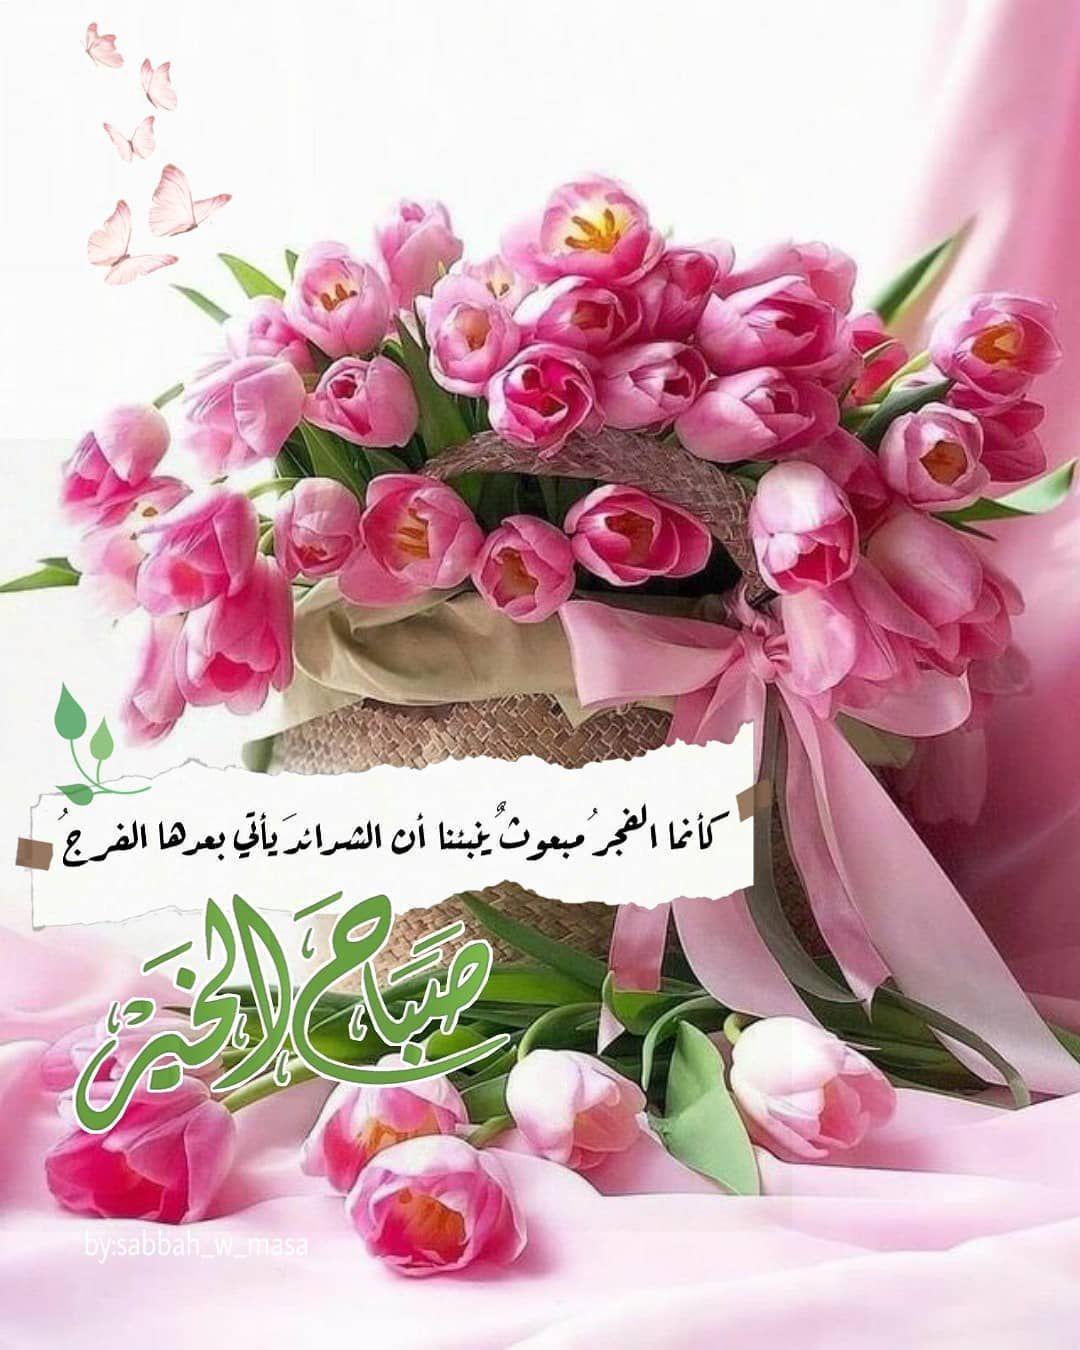 صبح و مساء S Instagram Post صباح الخيرات والمسرات صباح الورد صباحيات صب Morning Greeting Morning Images Beautiful Quran Quotes